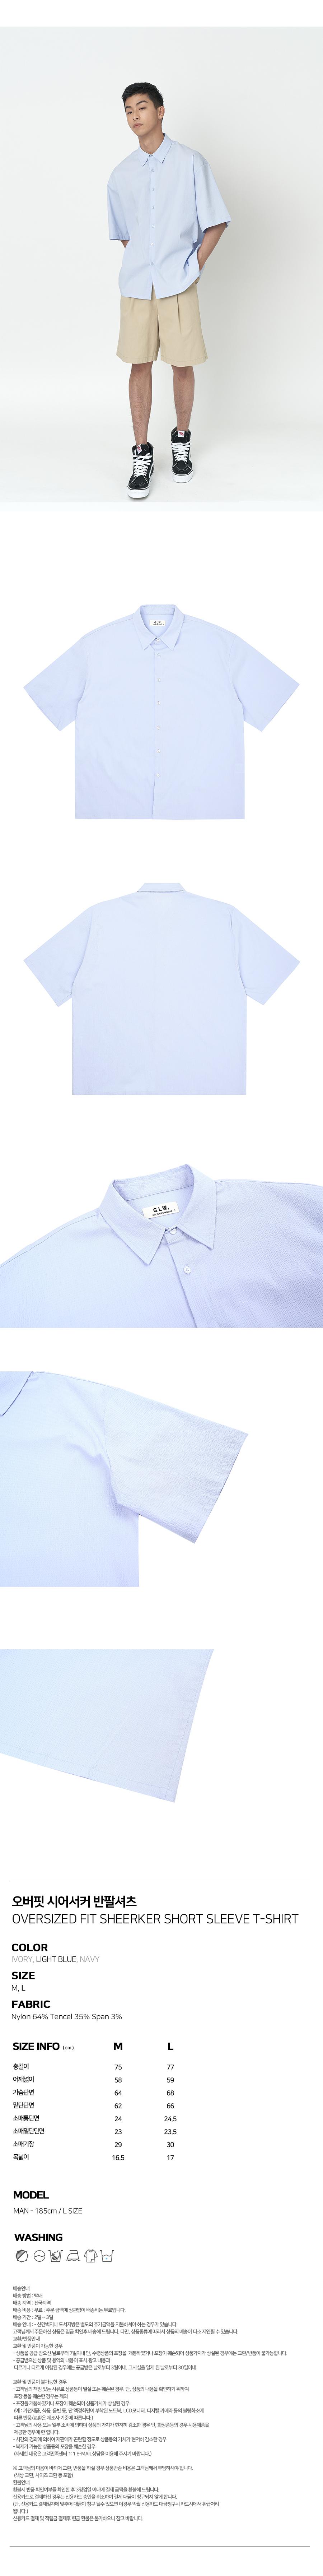 굿라이프웍스(GLW) 오버핏 시어서커 반팔셔츠 연블루